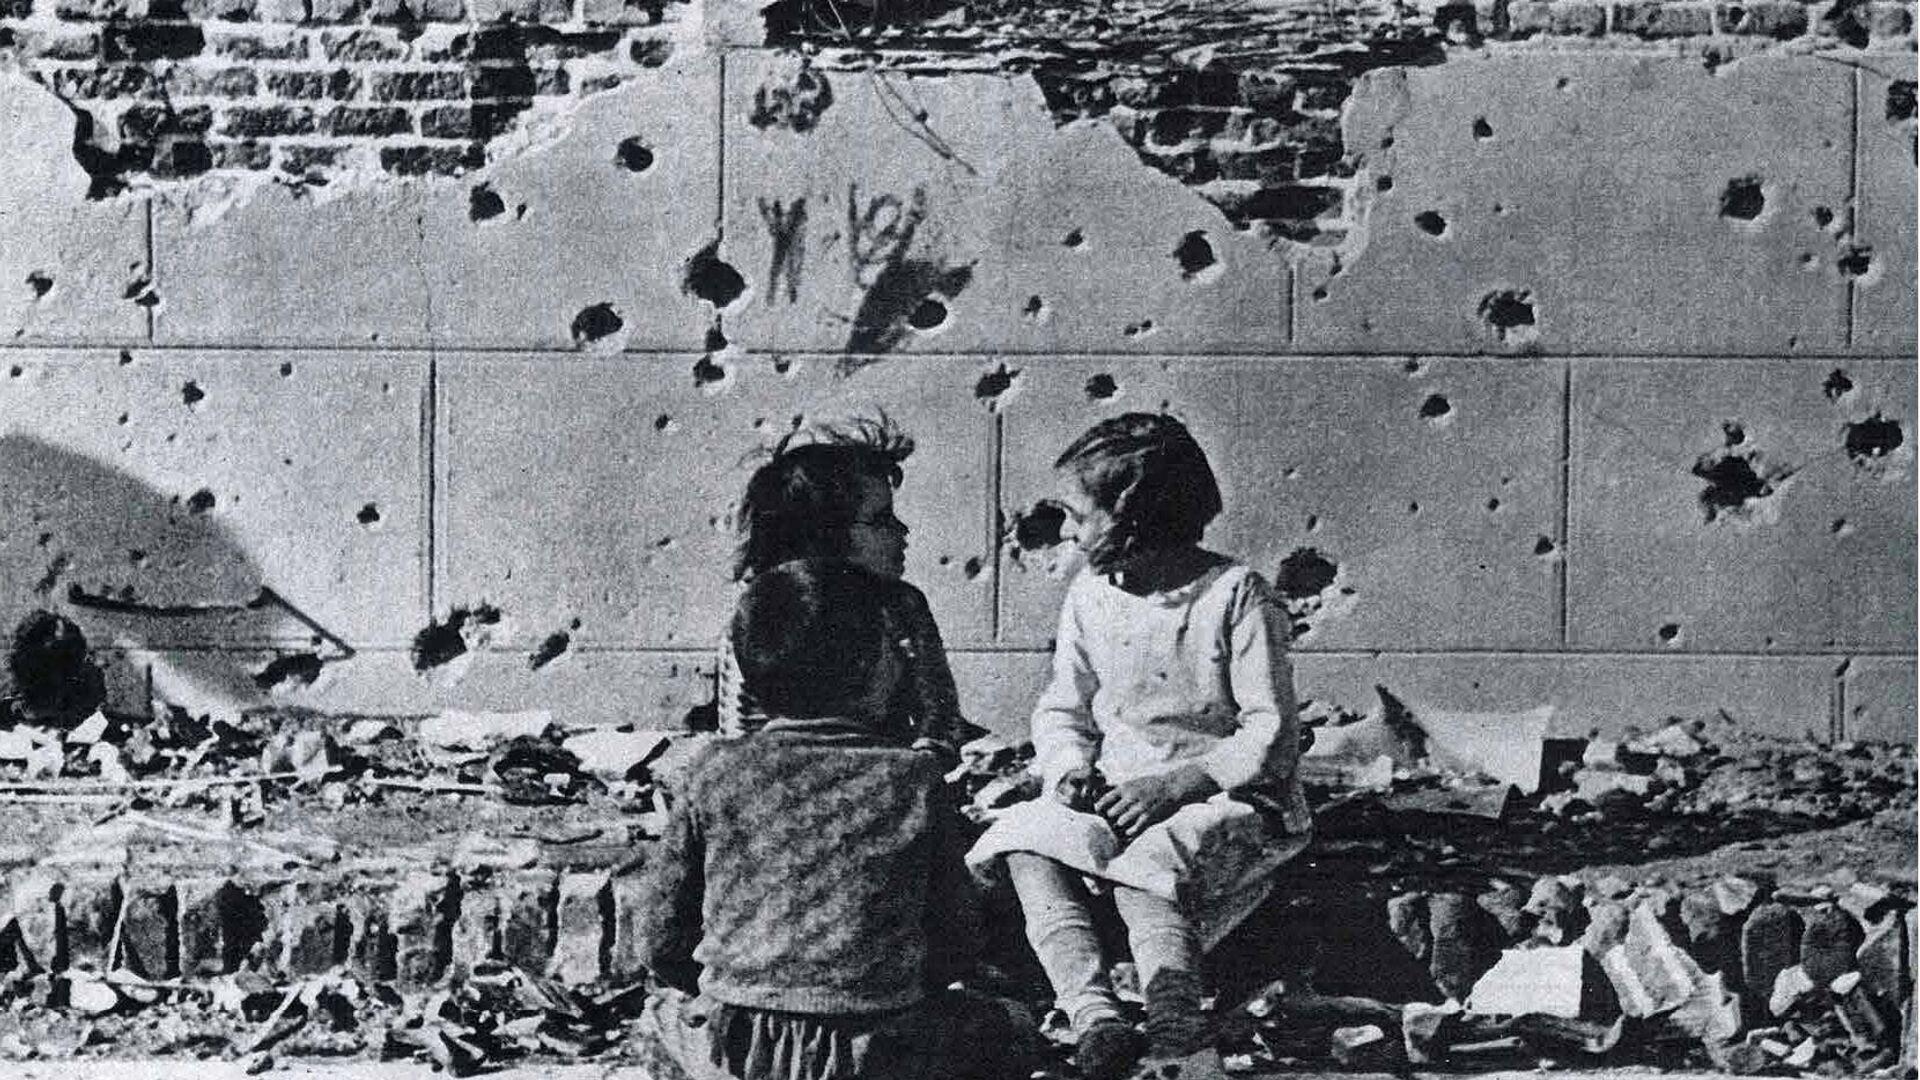 Portada de un periódico alemán con la foto de Robert Capa tomada en 1936 en el barrio de Vallecas (Madrid) - Sputnik Mundo, 1920, 21.09.2021